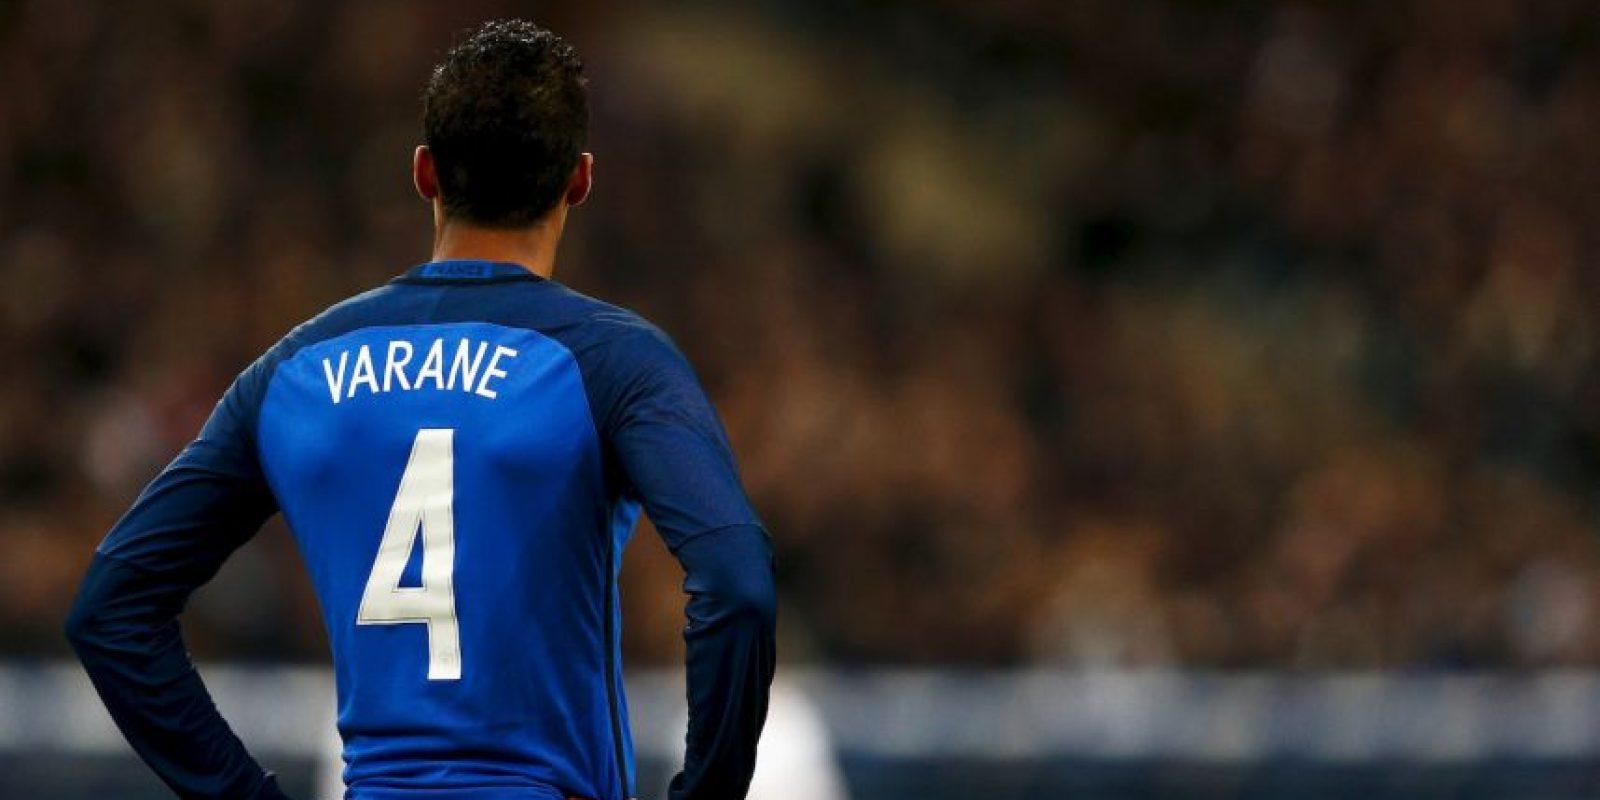 El joven defensor era un fijo en la defensa central de Francia, pero sufrió una lesión en un entrenamiento previo a la final de la Champions League. Luego de confirmar el desgarro grado dos en el bíceps femoral de la pierna izquierda, el zaguero fue descartado del equipo y Adil Rami tomó su lugar. Foto:Getty Images